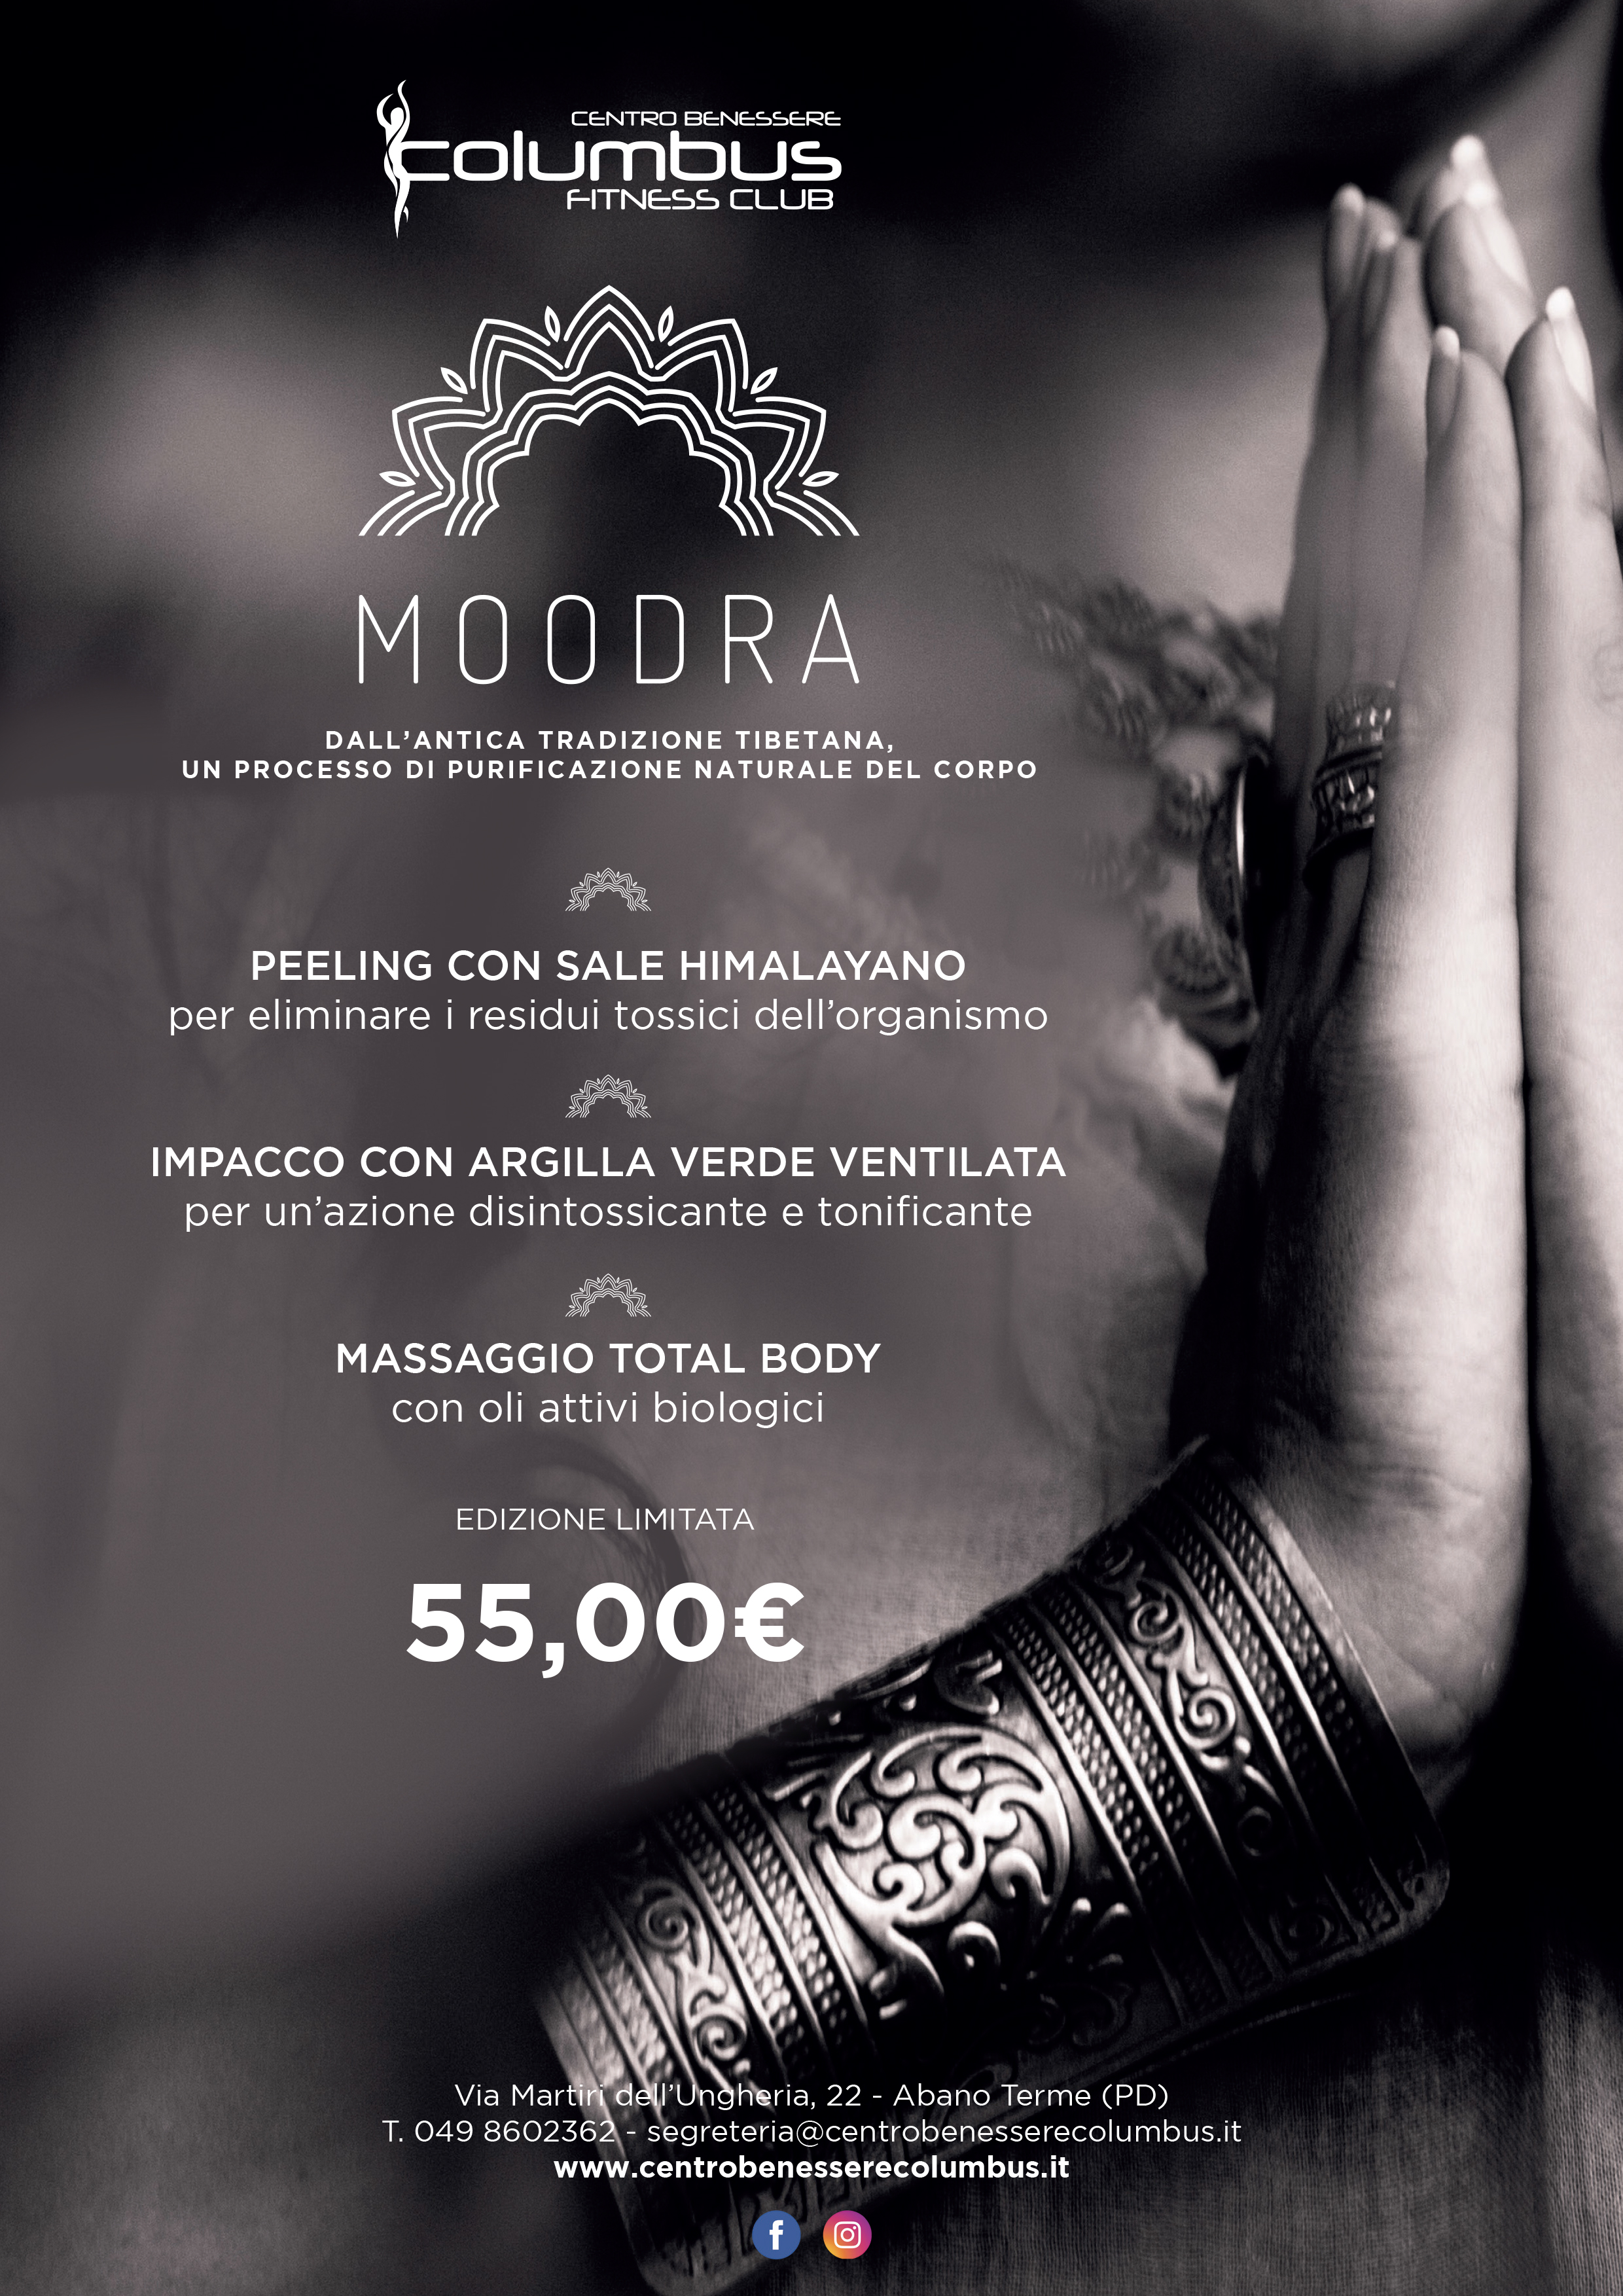 LOCANDINA_TRATTAMENTO_MOODRA_01_A4 modificato-1